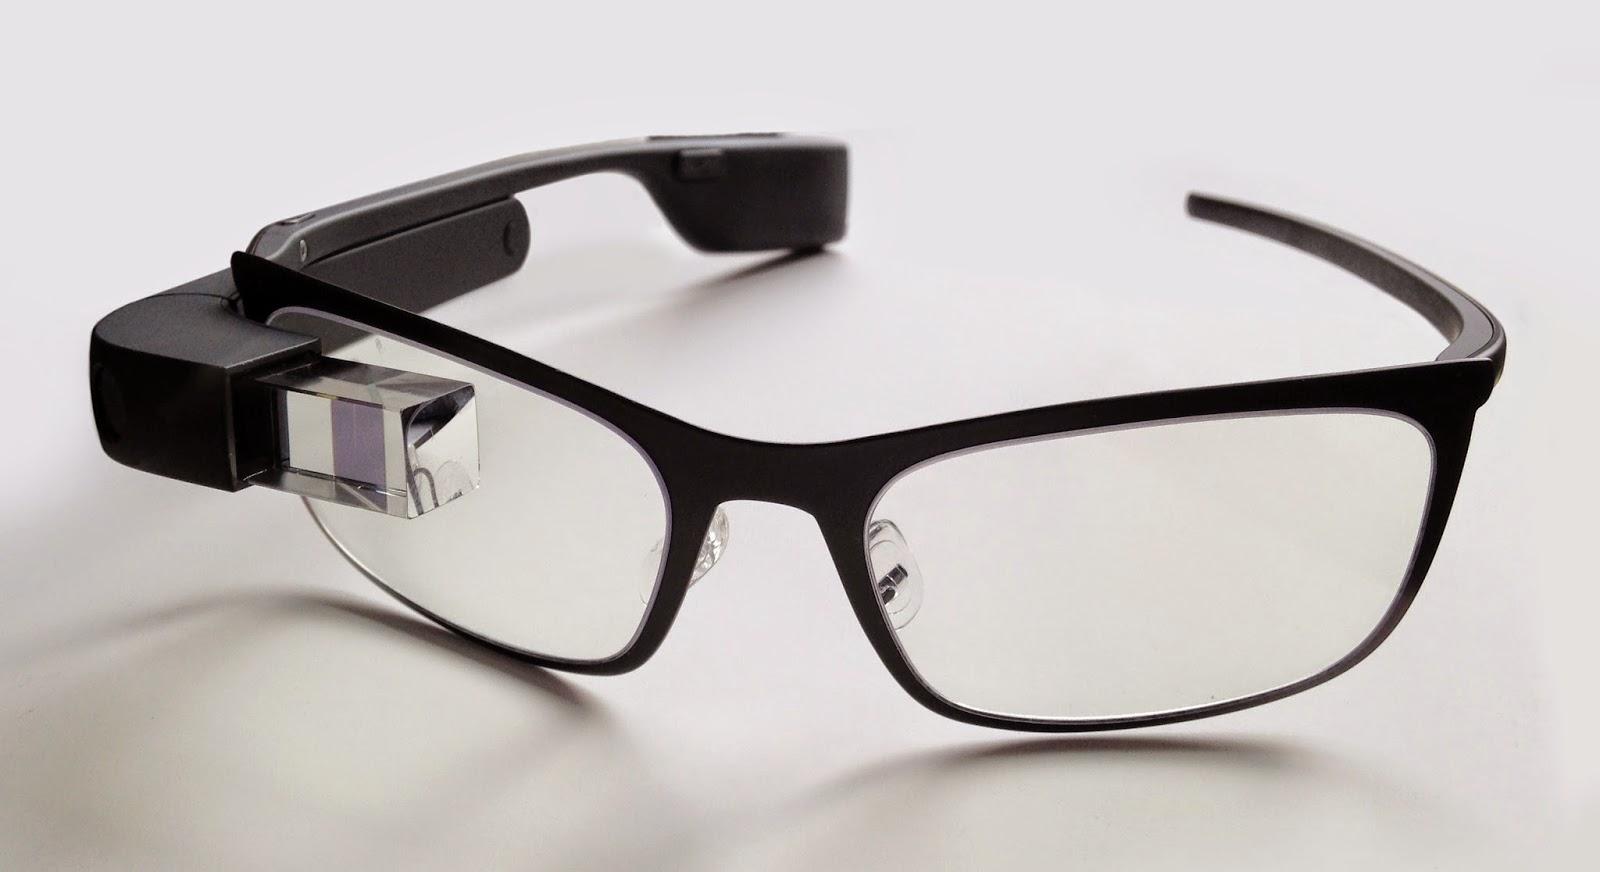 http://en.wikipedia.org/wiki/Google_Glass